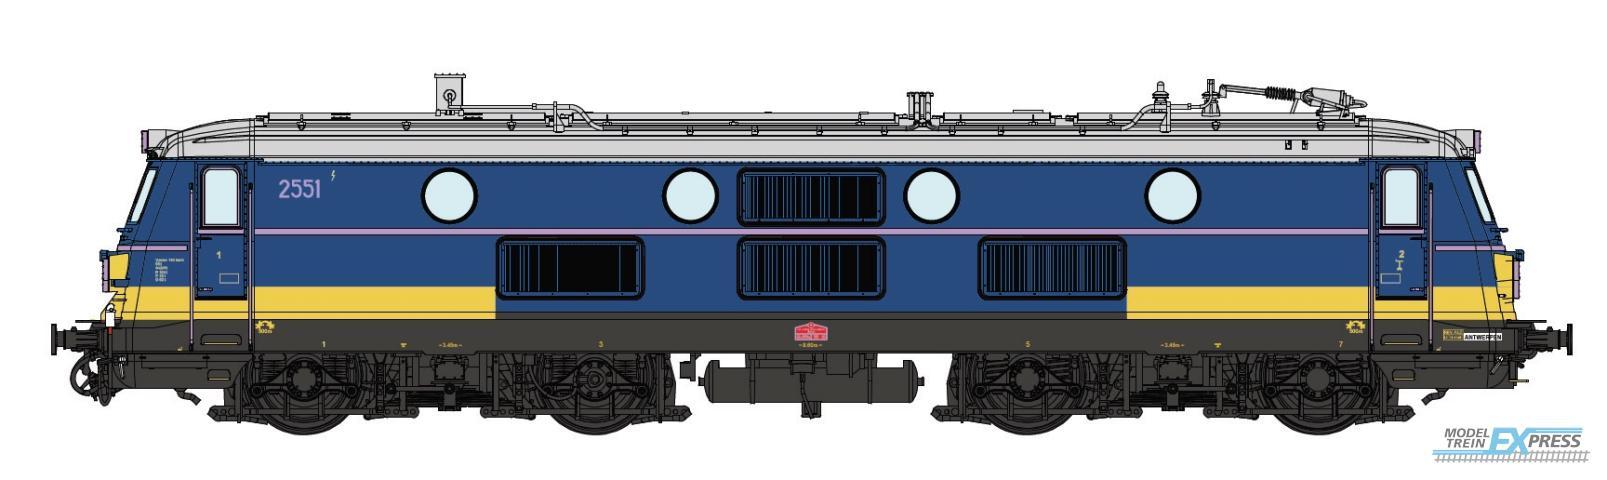 B-Models 3106.02